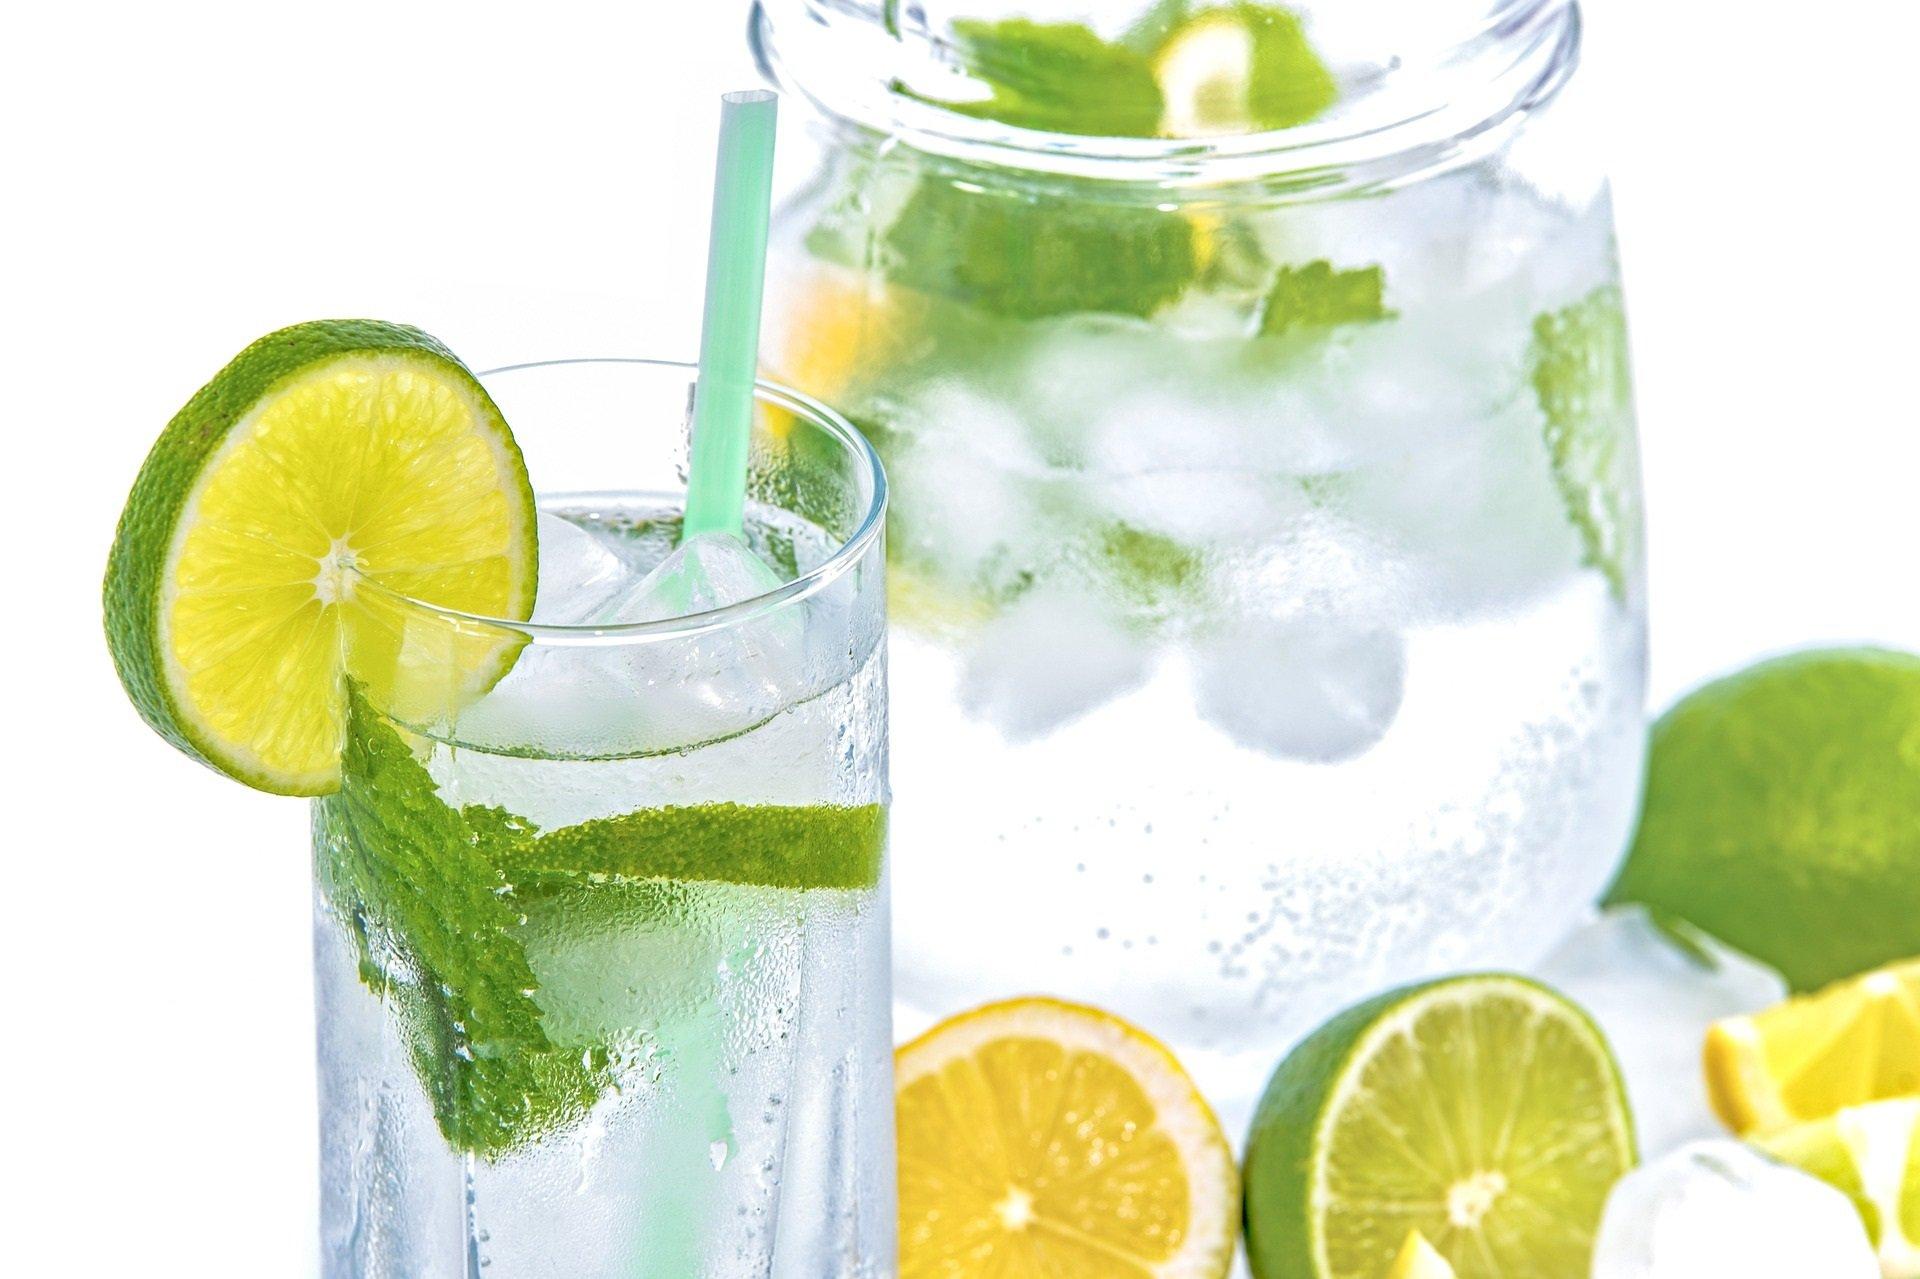 idratazione_acqua_limone